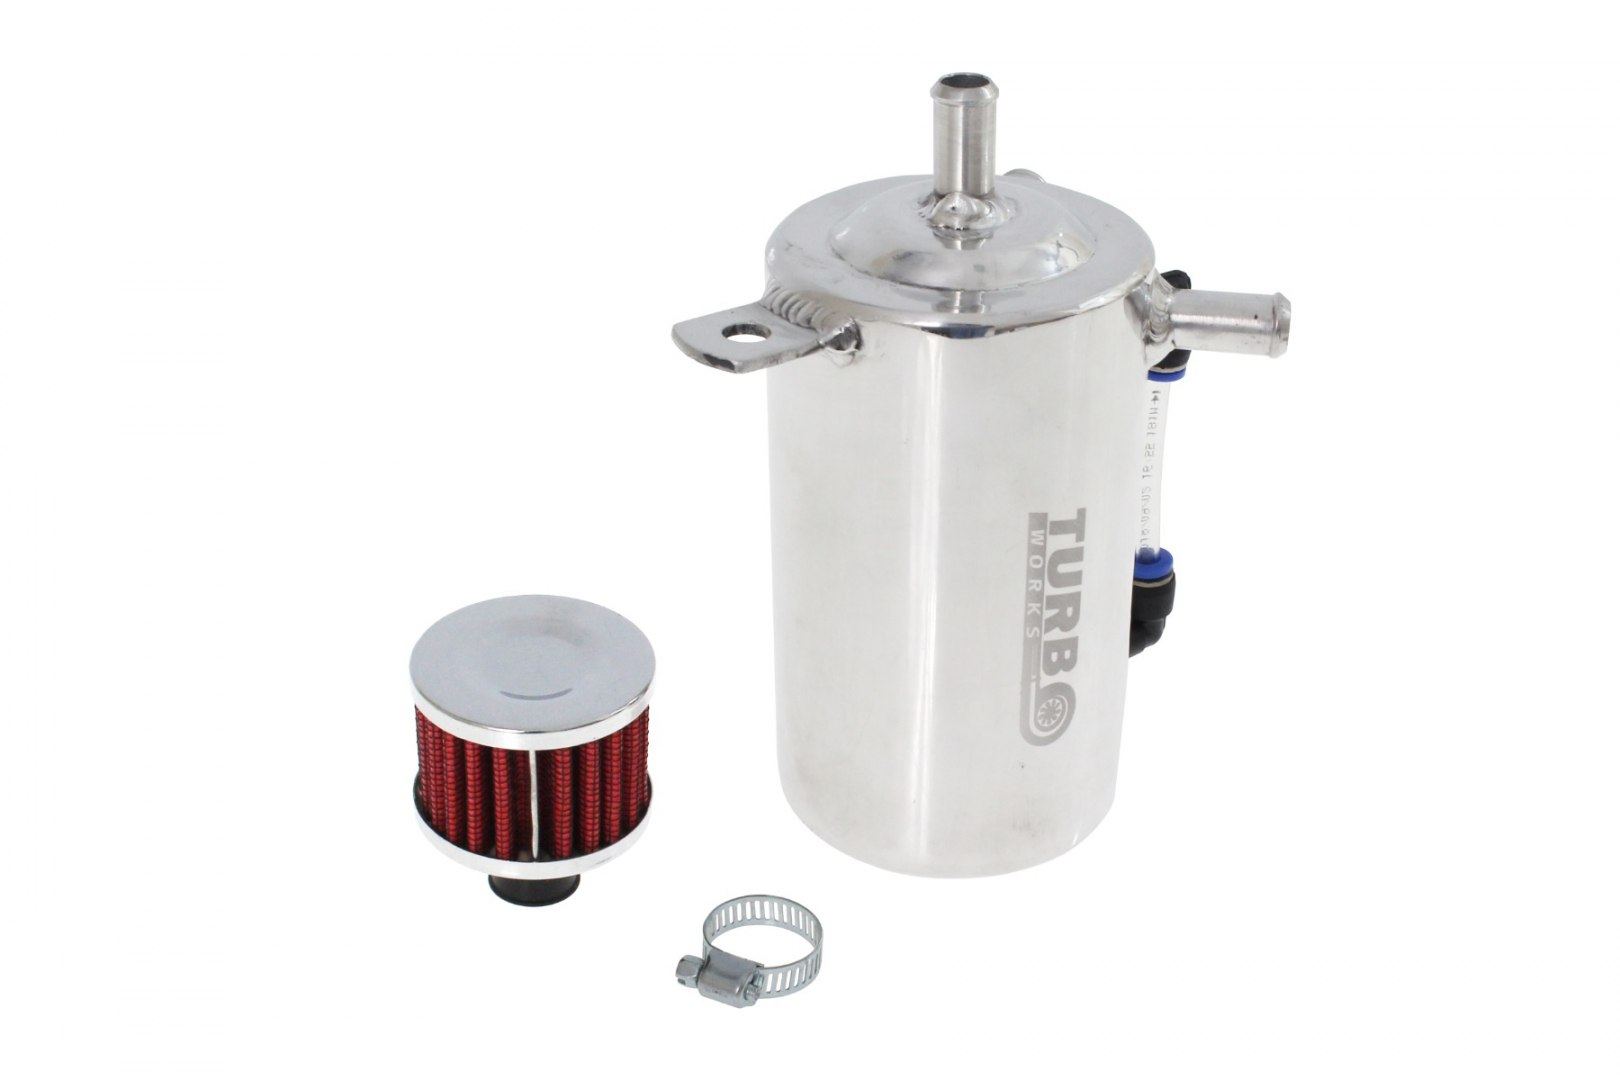 Zbiornik wody płynu chłodniczego uniwersalny 0,5L TurboWorks - GRUBYGARAGE - Sklep Tuningowy